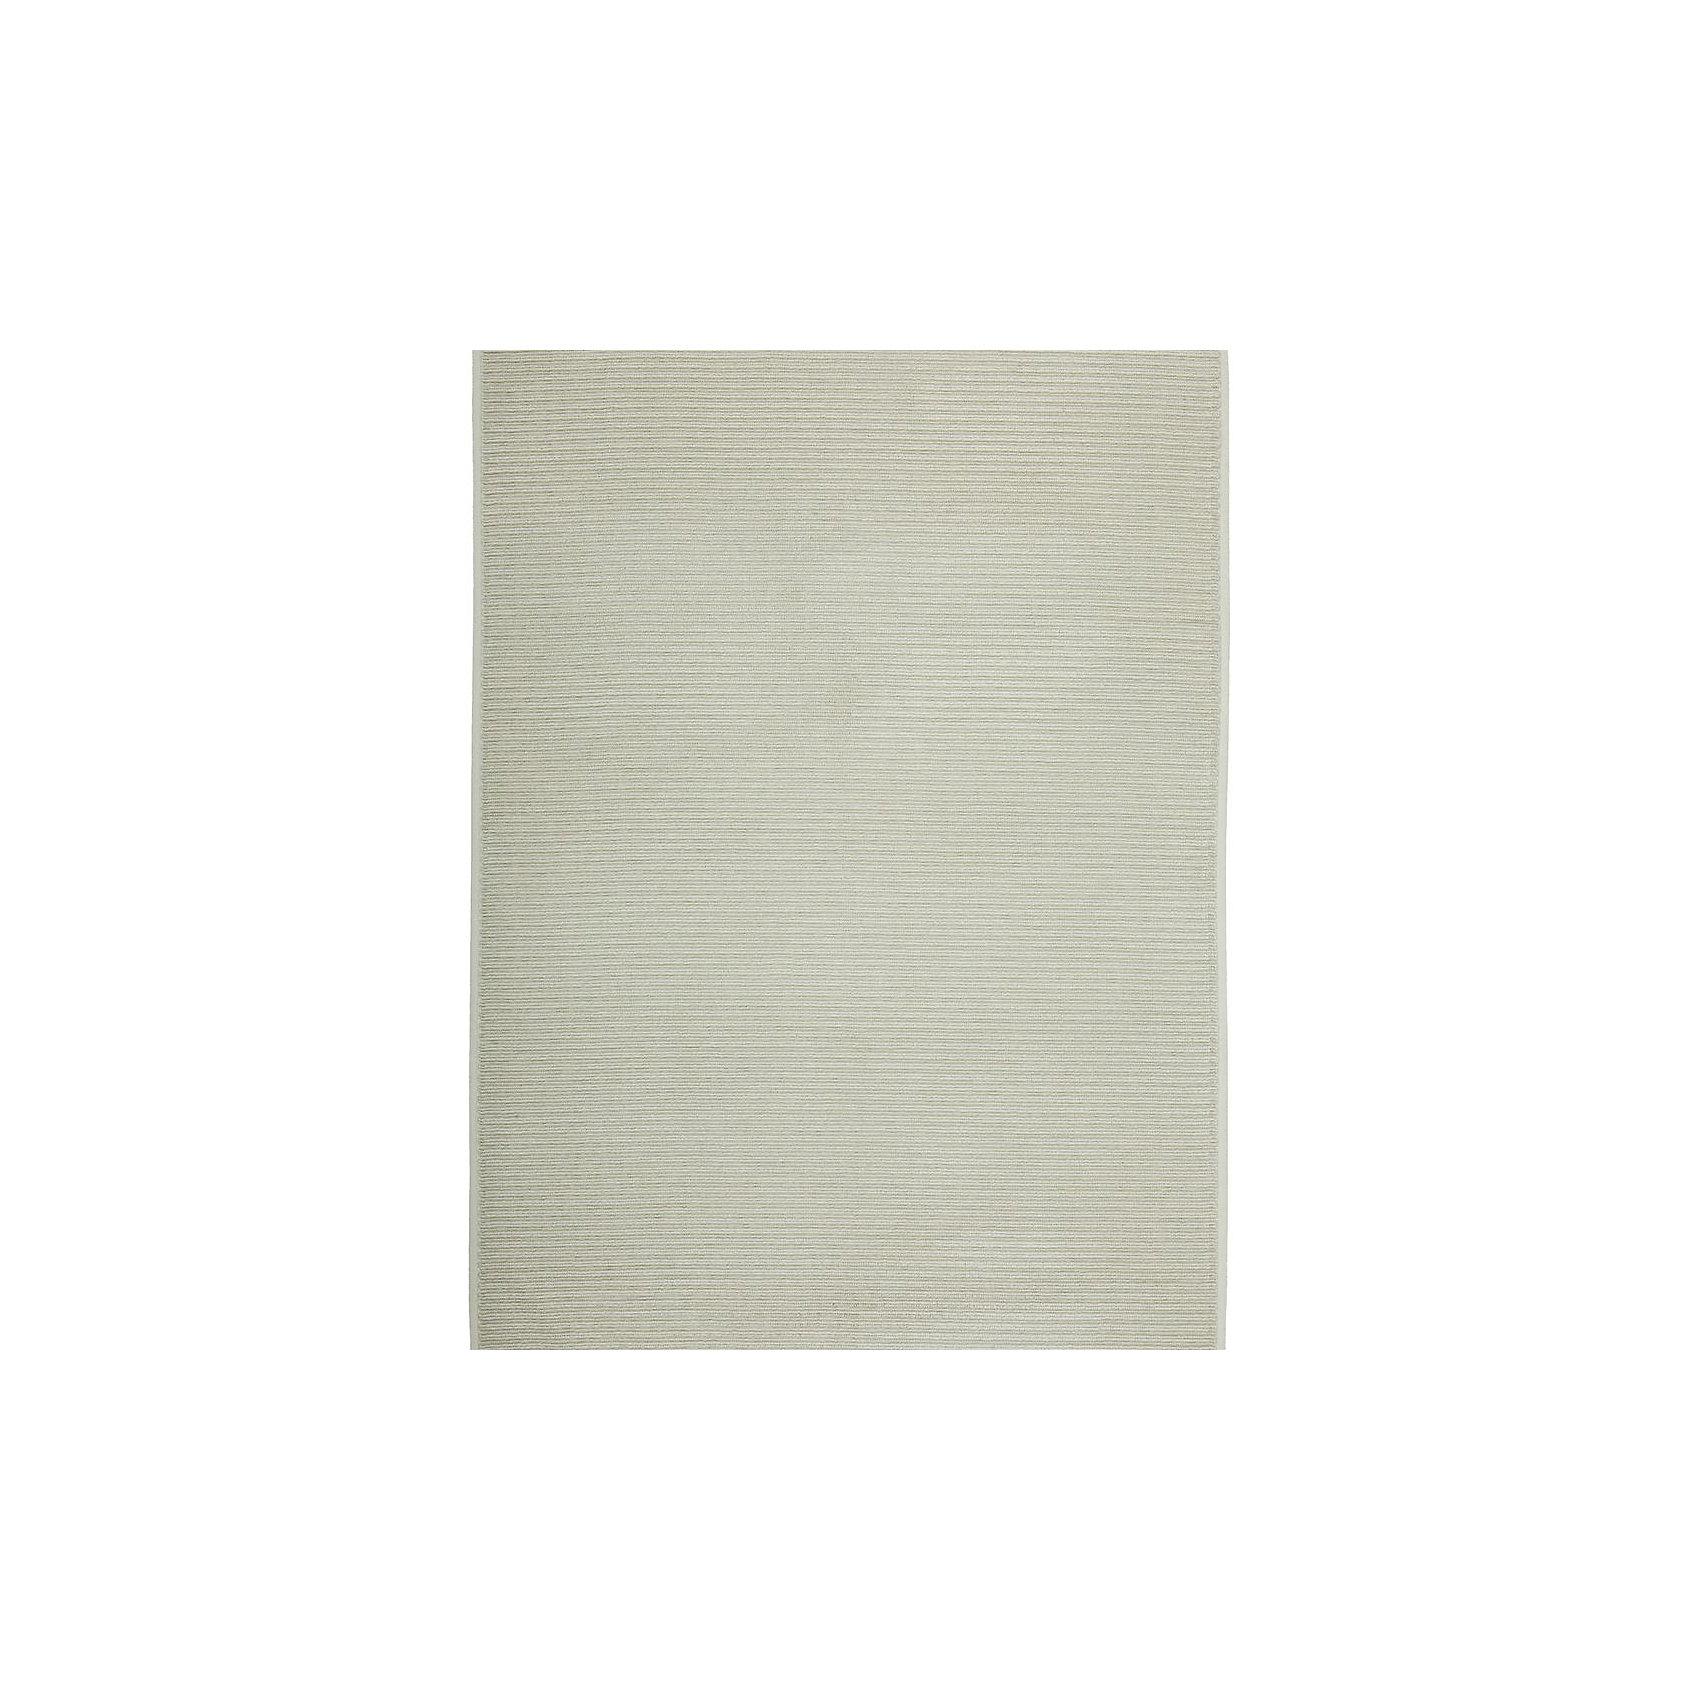 Полотенце для ног махровое Maison Bambu, 50*70, TAC, фисташковый (cagla)Ванная комната<br>Характеристики:<br><br>• Вид домашнего текстиля: махровое полотенце<br>• Размеры полотенца: 50*70 см<br>• Рисунок: без рисунка<br>• Материал: хлопок, 50% хлопок; бамбук, 50%<br>• Цвет: фисташковый<br>• Плотность полотна: 850 гр/м2 <br>• Повышенные впитывающие качества<br>• Вес: 300 г<br>• Размеры упаковки (Д*Ш*В): 25*3*25 см<br>• Особенности ухода: машинная стирка <br><br>Полотенце для ног махровое Maison Bambu, 50*70, TAC, фисташковый (cagla) от наиболее популярного бренда на отечественном рынке среди производителей комплектов постельного белья и текстильных принадлежностей, выпуском которого занимается производственная компания, являющаяся частью мирового холдинга Zorlu Holding Textiles Group. Полотенце выполнено из сочетания натурального хлопка и бамбукового волокна, что обеспечивает гипоаллергенность, высокую износоустойчивость, повышенные гигкоскопические и антибактериальные свойства изделия. <br><br>Благодаря высокой степени плотности махры, полотенце отлично впитывает влагу, но при этом остается мягким. Ворс окрашен стойкими нетоксичными красителями, который не оставляет запаха и обеспечивает ровный окрас. Полотенце сохраняет свой цвет и форму даже при частых стирках. Выполнено в фисташковом цвете без рисунка.<br><br>Полотенце для ног махровое Maison Bambu, 50*70, TAC, фисташковый (cagla) можно купить в нашем интернет-магазине.<br><br>Ширина мм: 250<br>Глубина мм: 30<br>Высота мм: 250<br>Вес г: 400<br>Возраст от месяцев: 216<br>Возраст до месяцев: 1188<br>Пол: Унисекс<br>Возраст: Детский<br>SKU: 5476348